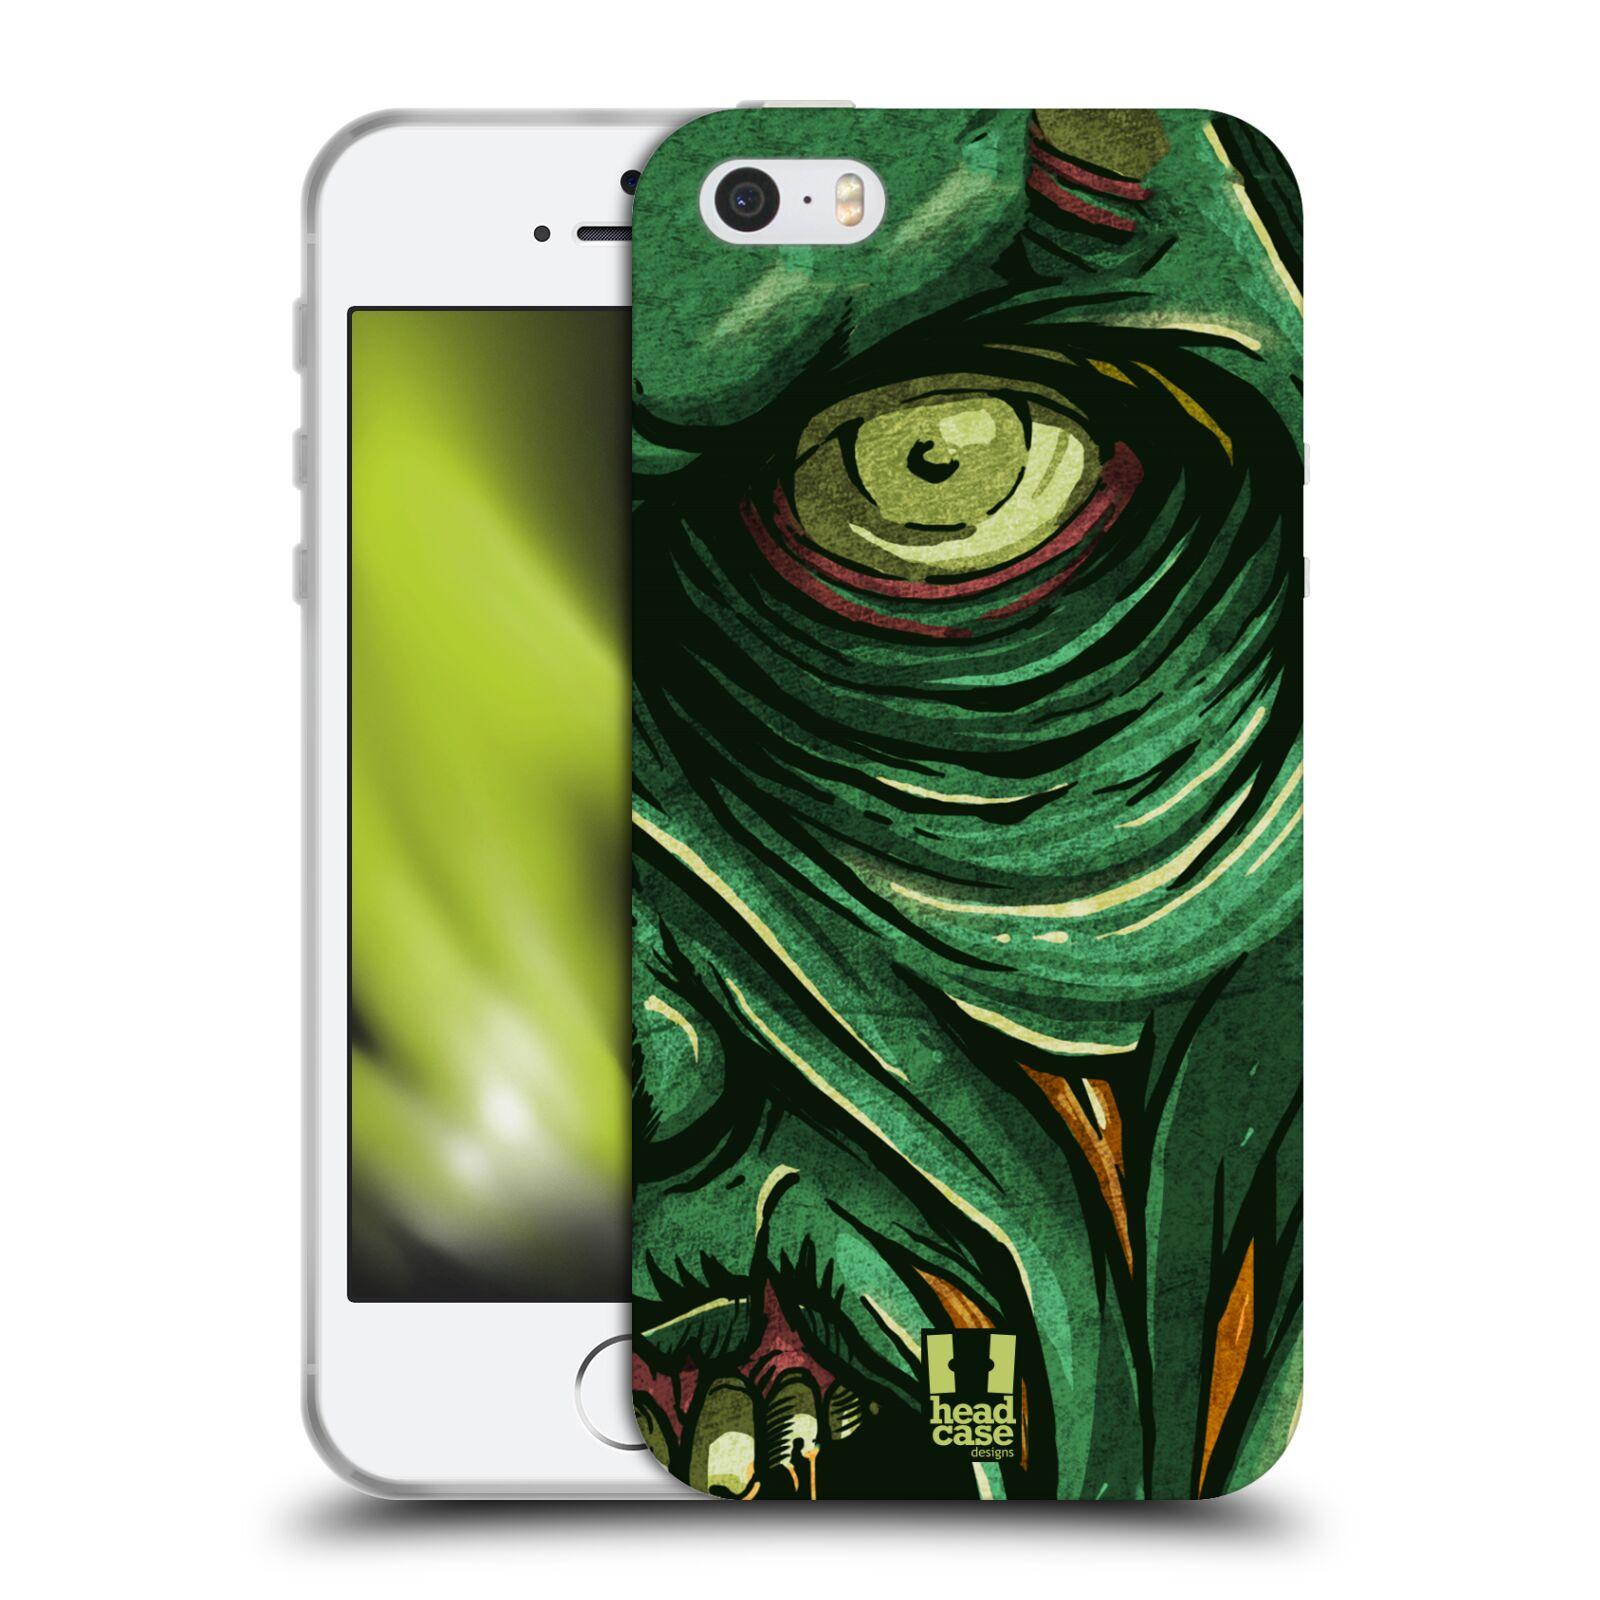 Silikonové pouzdro na mobil Apple iPhone 5, 5S, SE - Head Case - ZOMBIE TVÁŘ